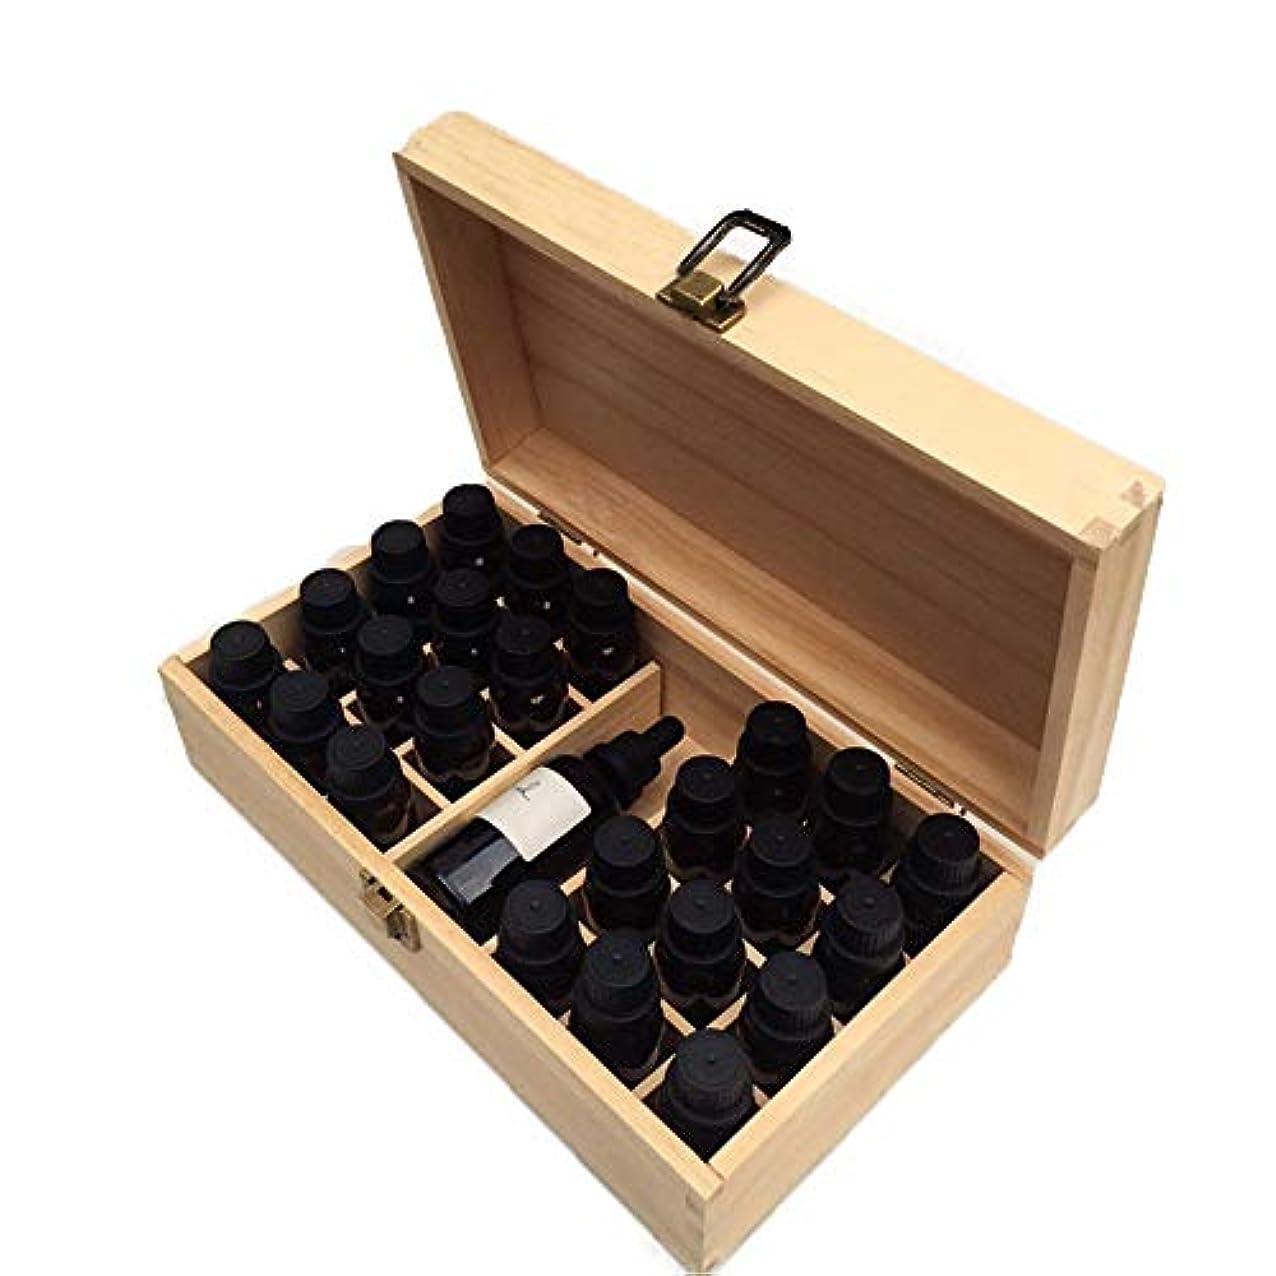 ルーチン電球知事エッセンシャルオイルストレージボックス 25本のボトルストレージボックスでは、安全に油を維持するためのベストのハンドル木製のエッセンシャルオイル 旅行およびプレゼンテーション用 (色 : Natural, サイズ : 27X15X9CM)